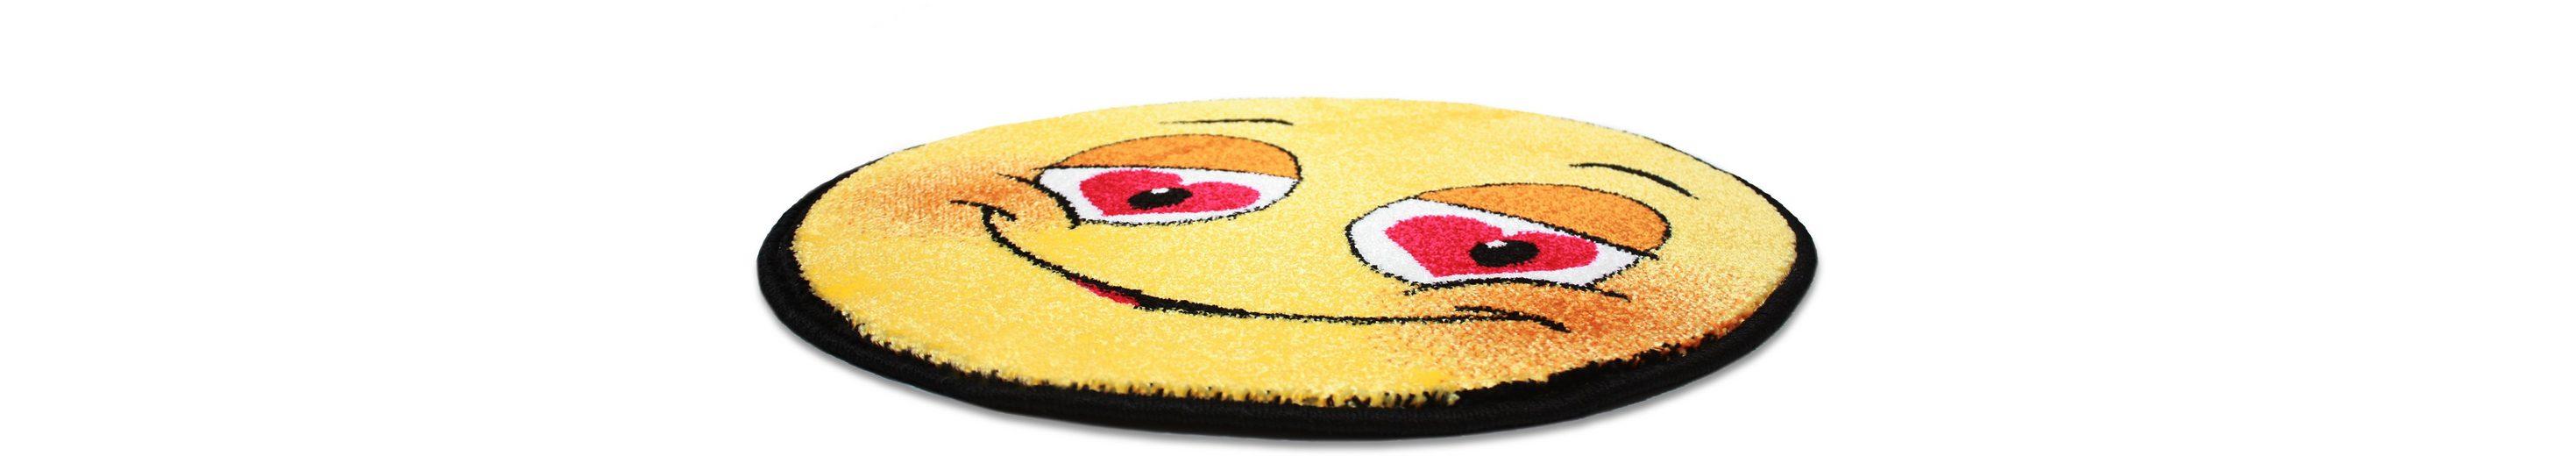 Teppich Rund, Trend-Teppiche, »Kolibri 11082«, Smiley Design